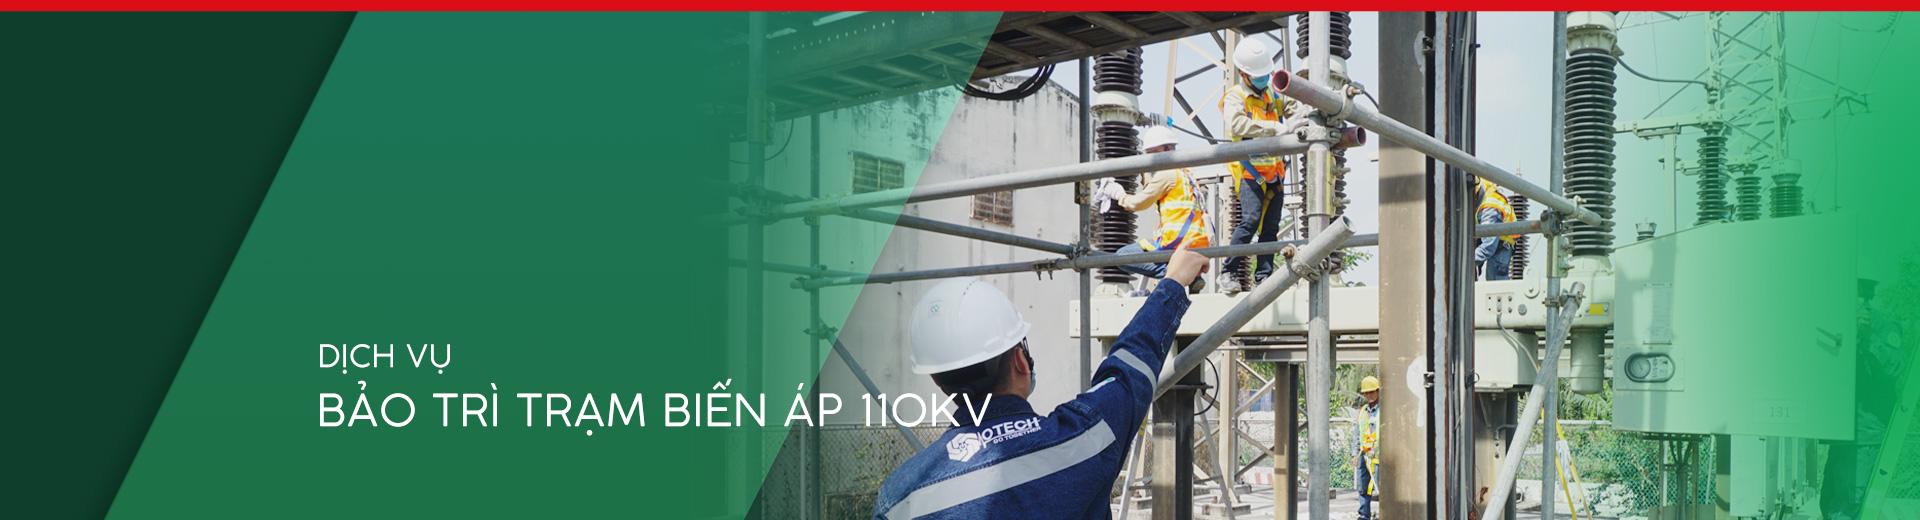 Dịch vụ bảo trì trạm biến áp 110kv OTECH